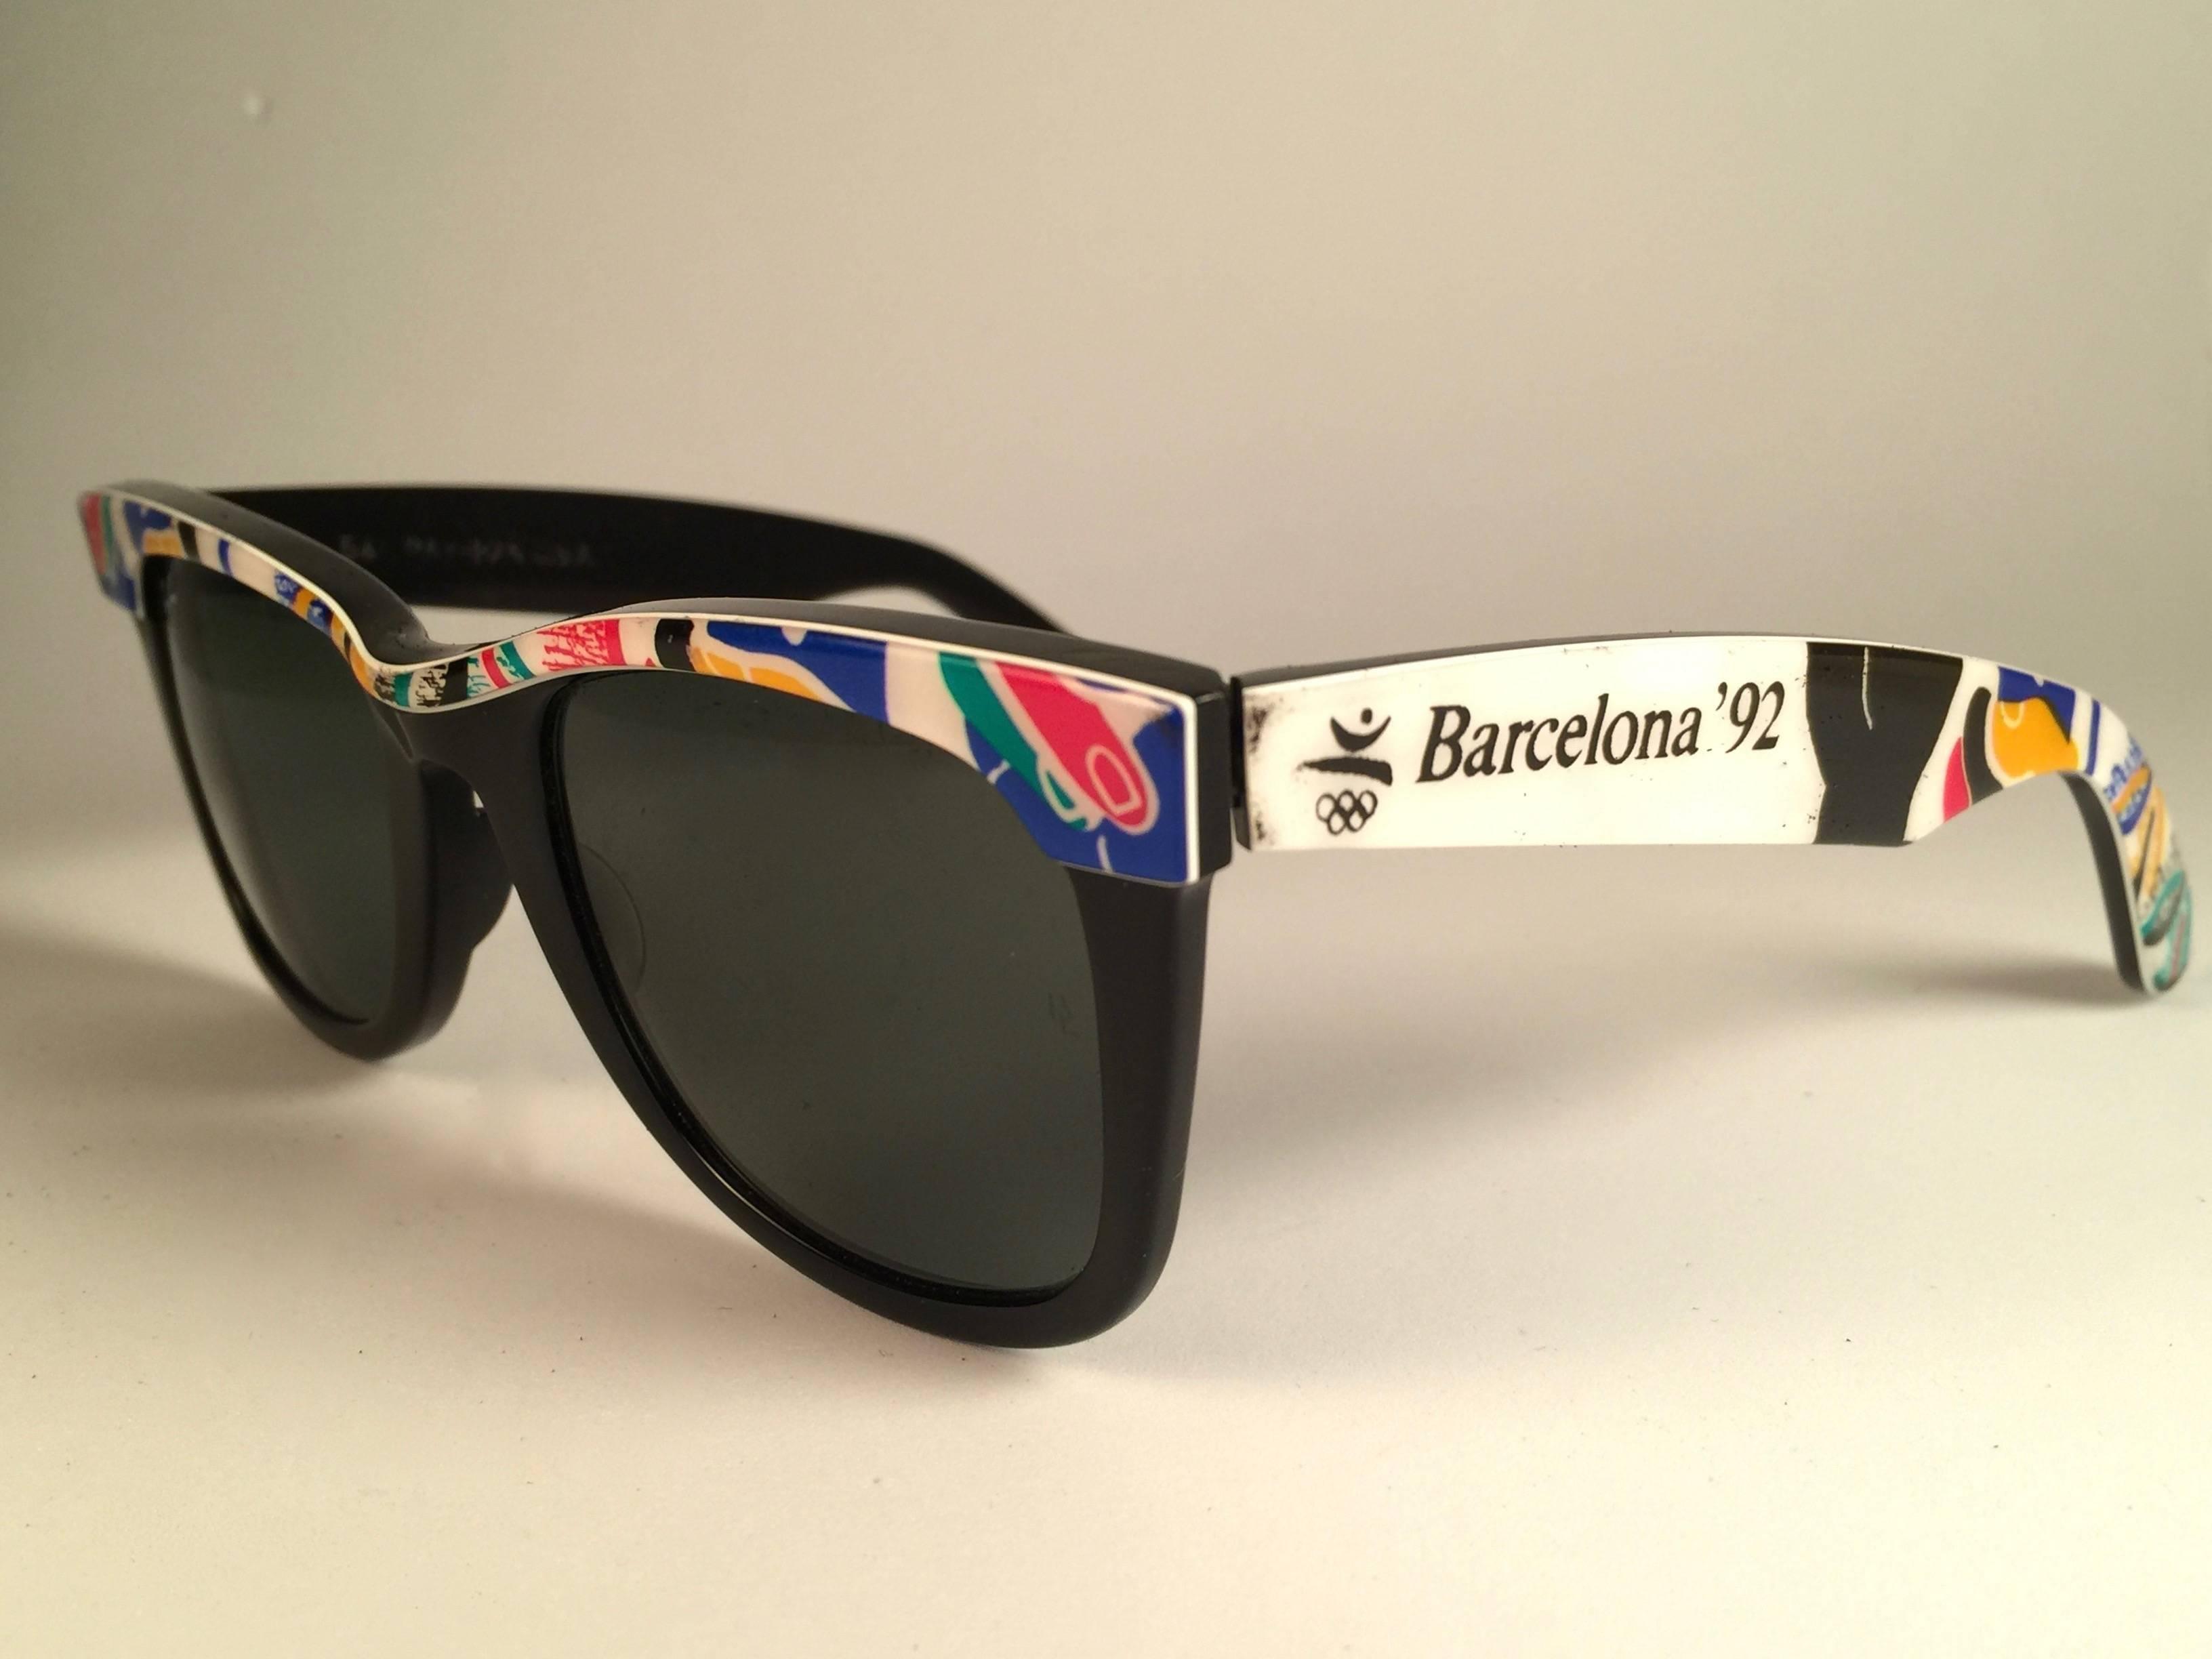 96a6160312 Vintage Ray Ban The Wayfarer Olympics Barcelona 1992 B L USA 80 s  Sunglasses at 1stdibs